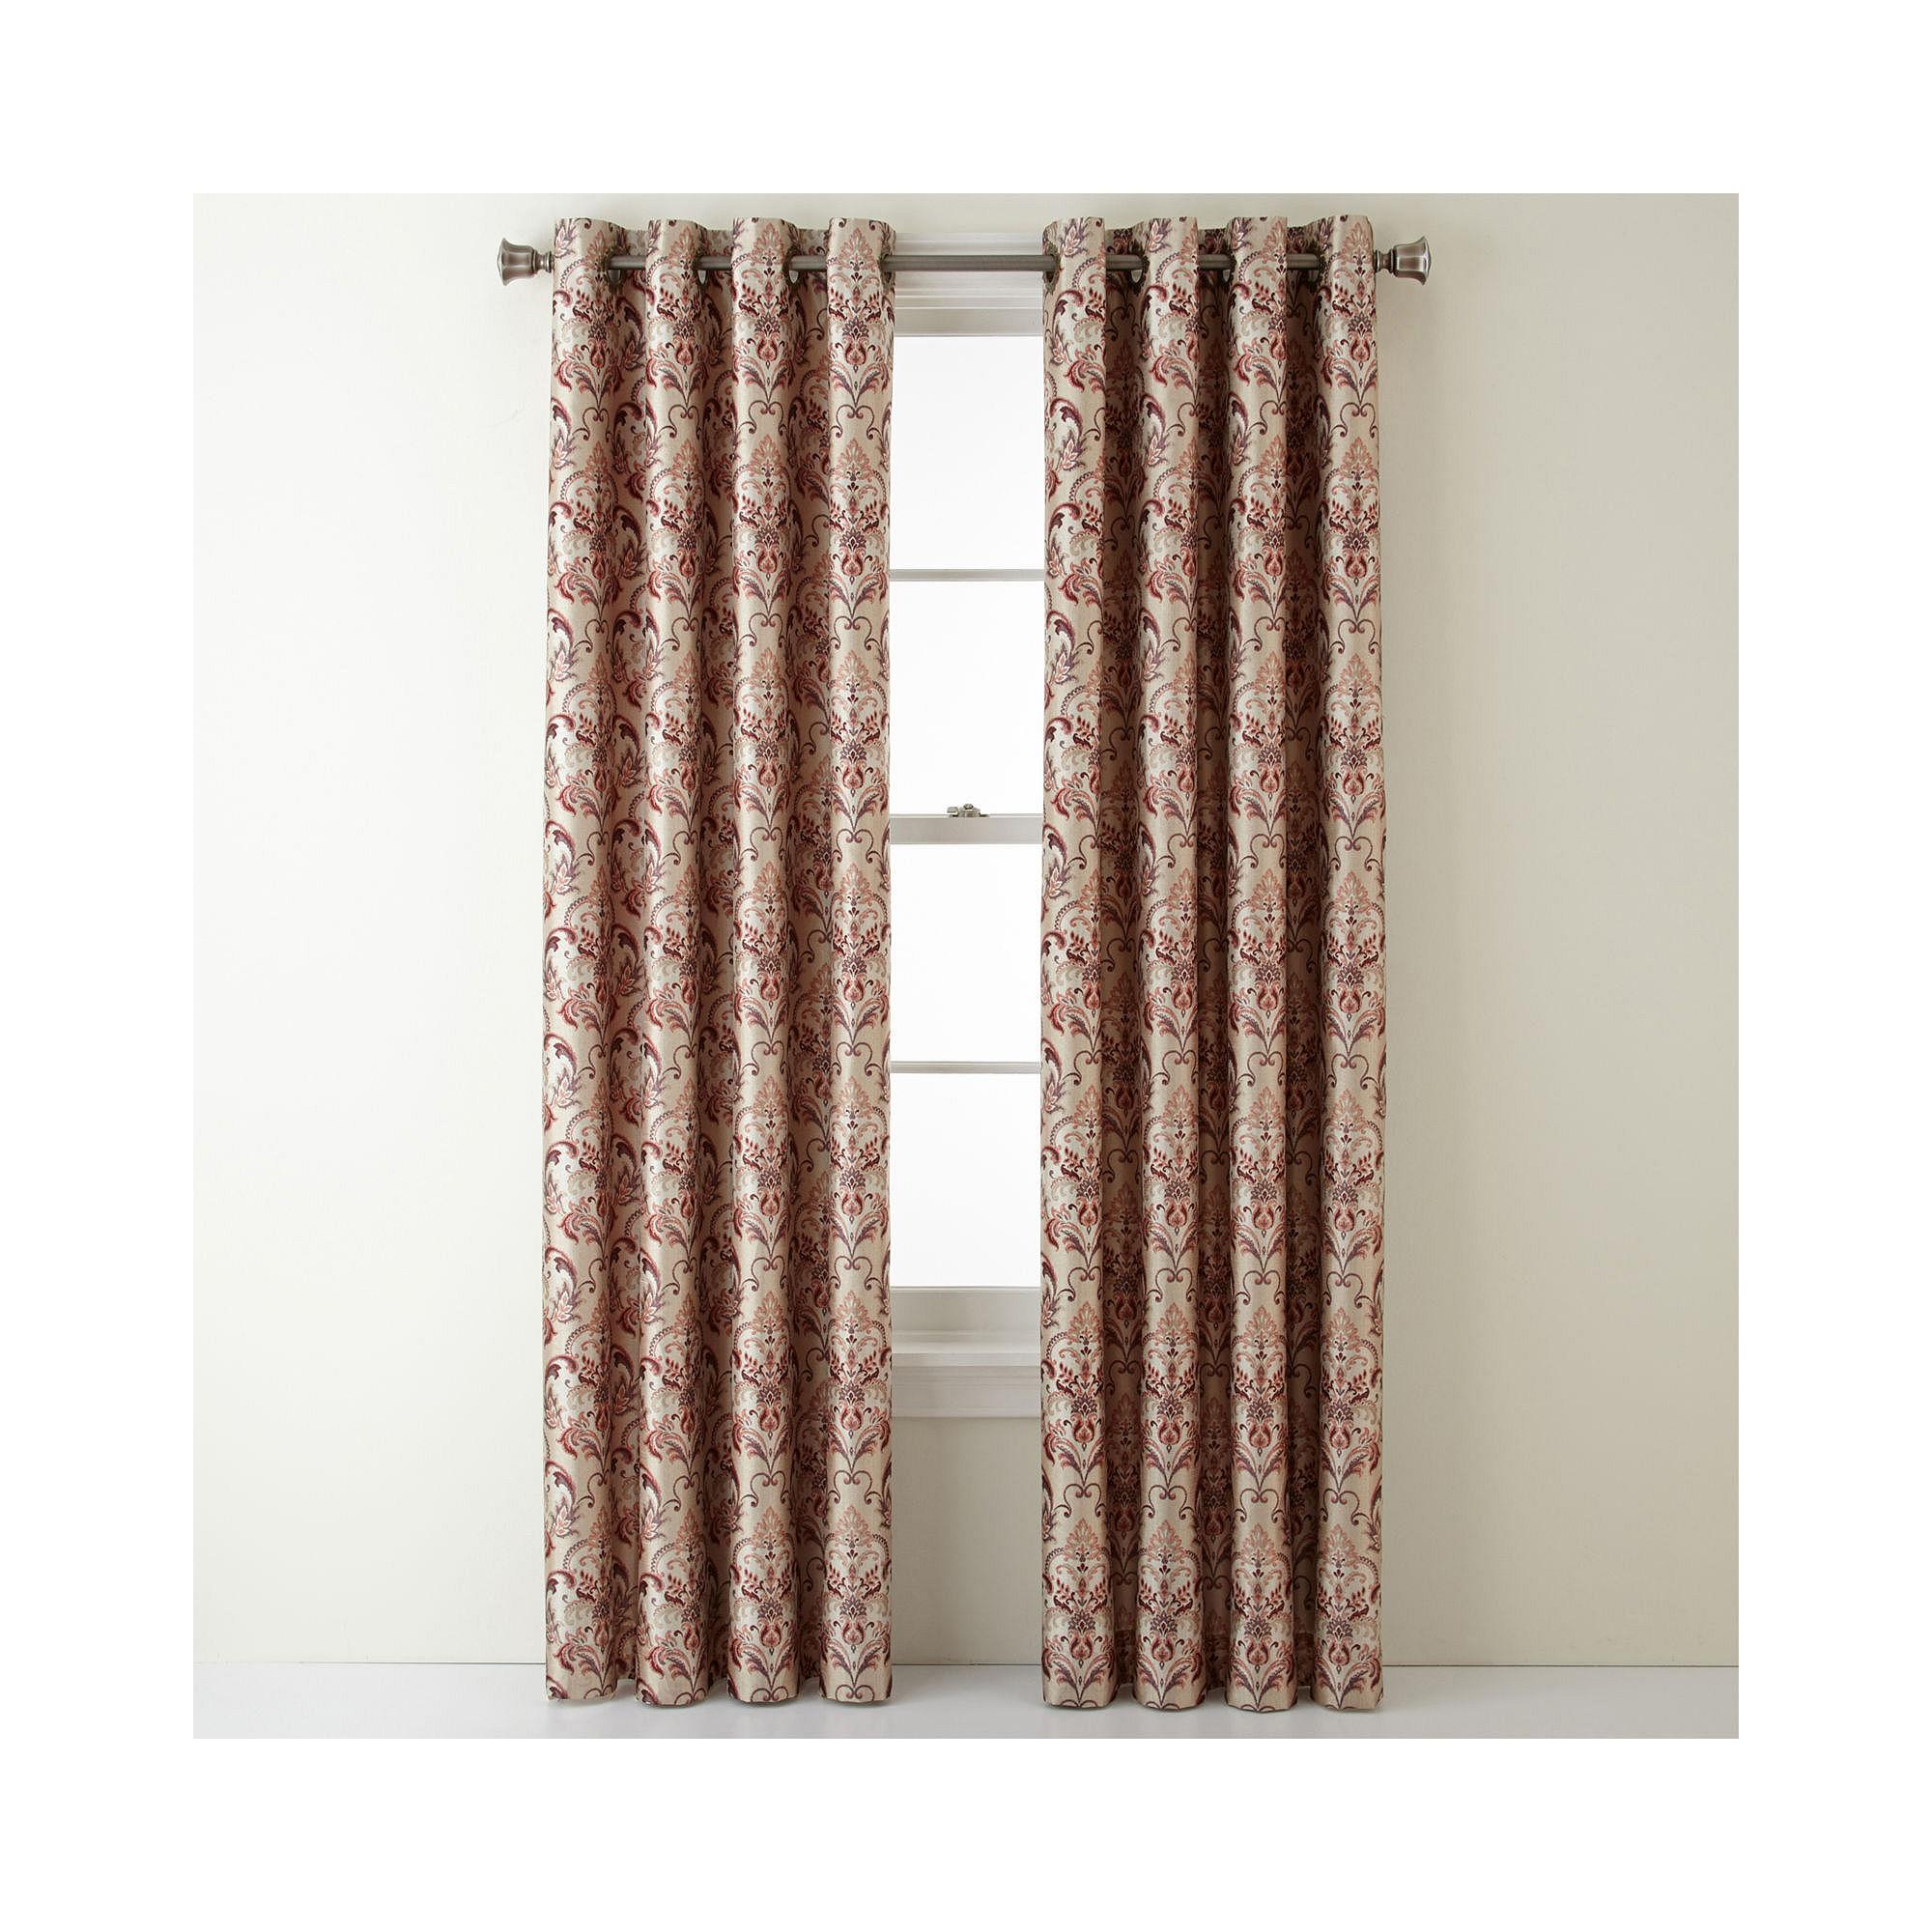 Upc 073104820034 Royal Velvet Blaine Blackout Grommet Top Curtain Panel